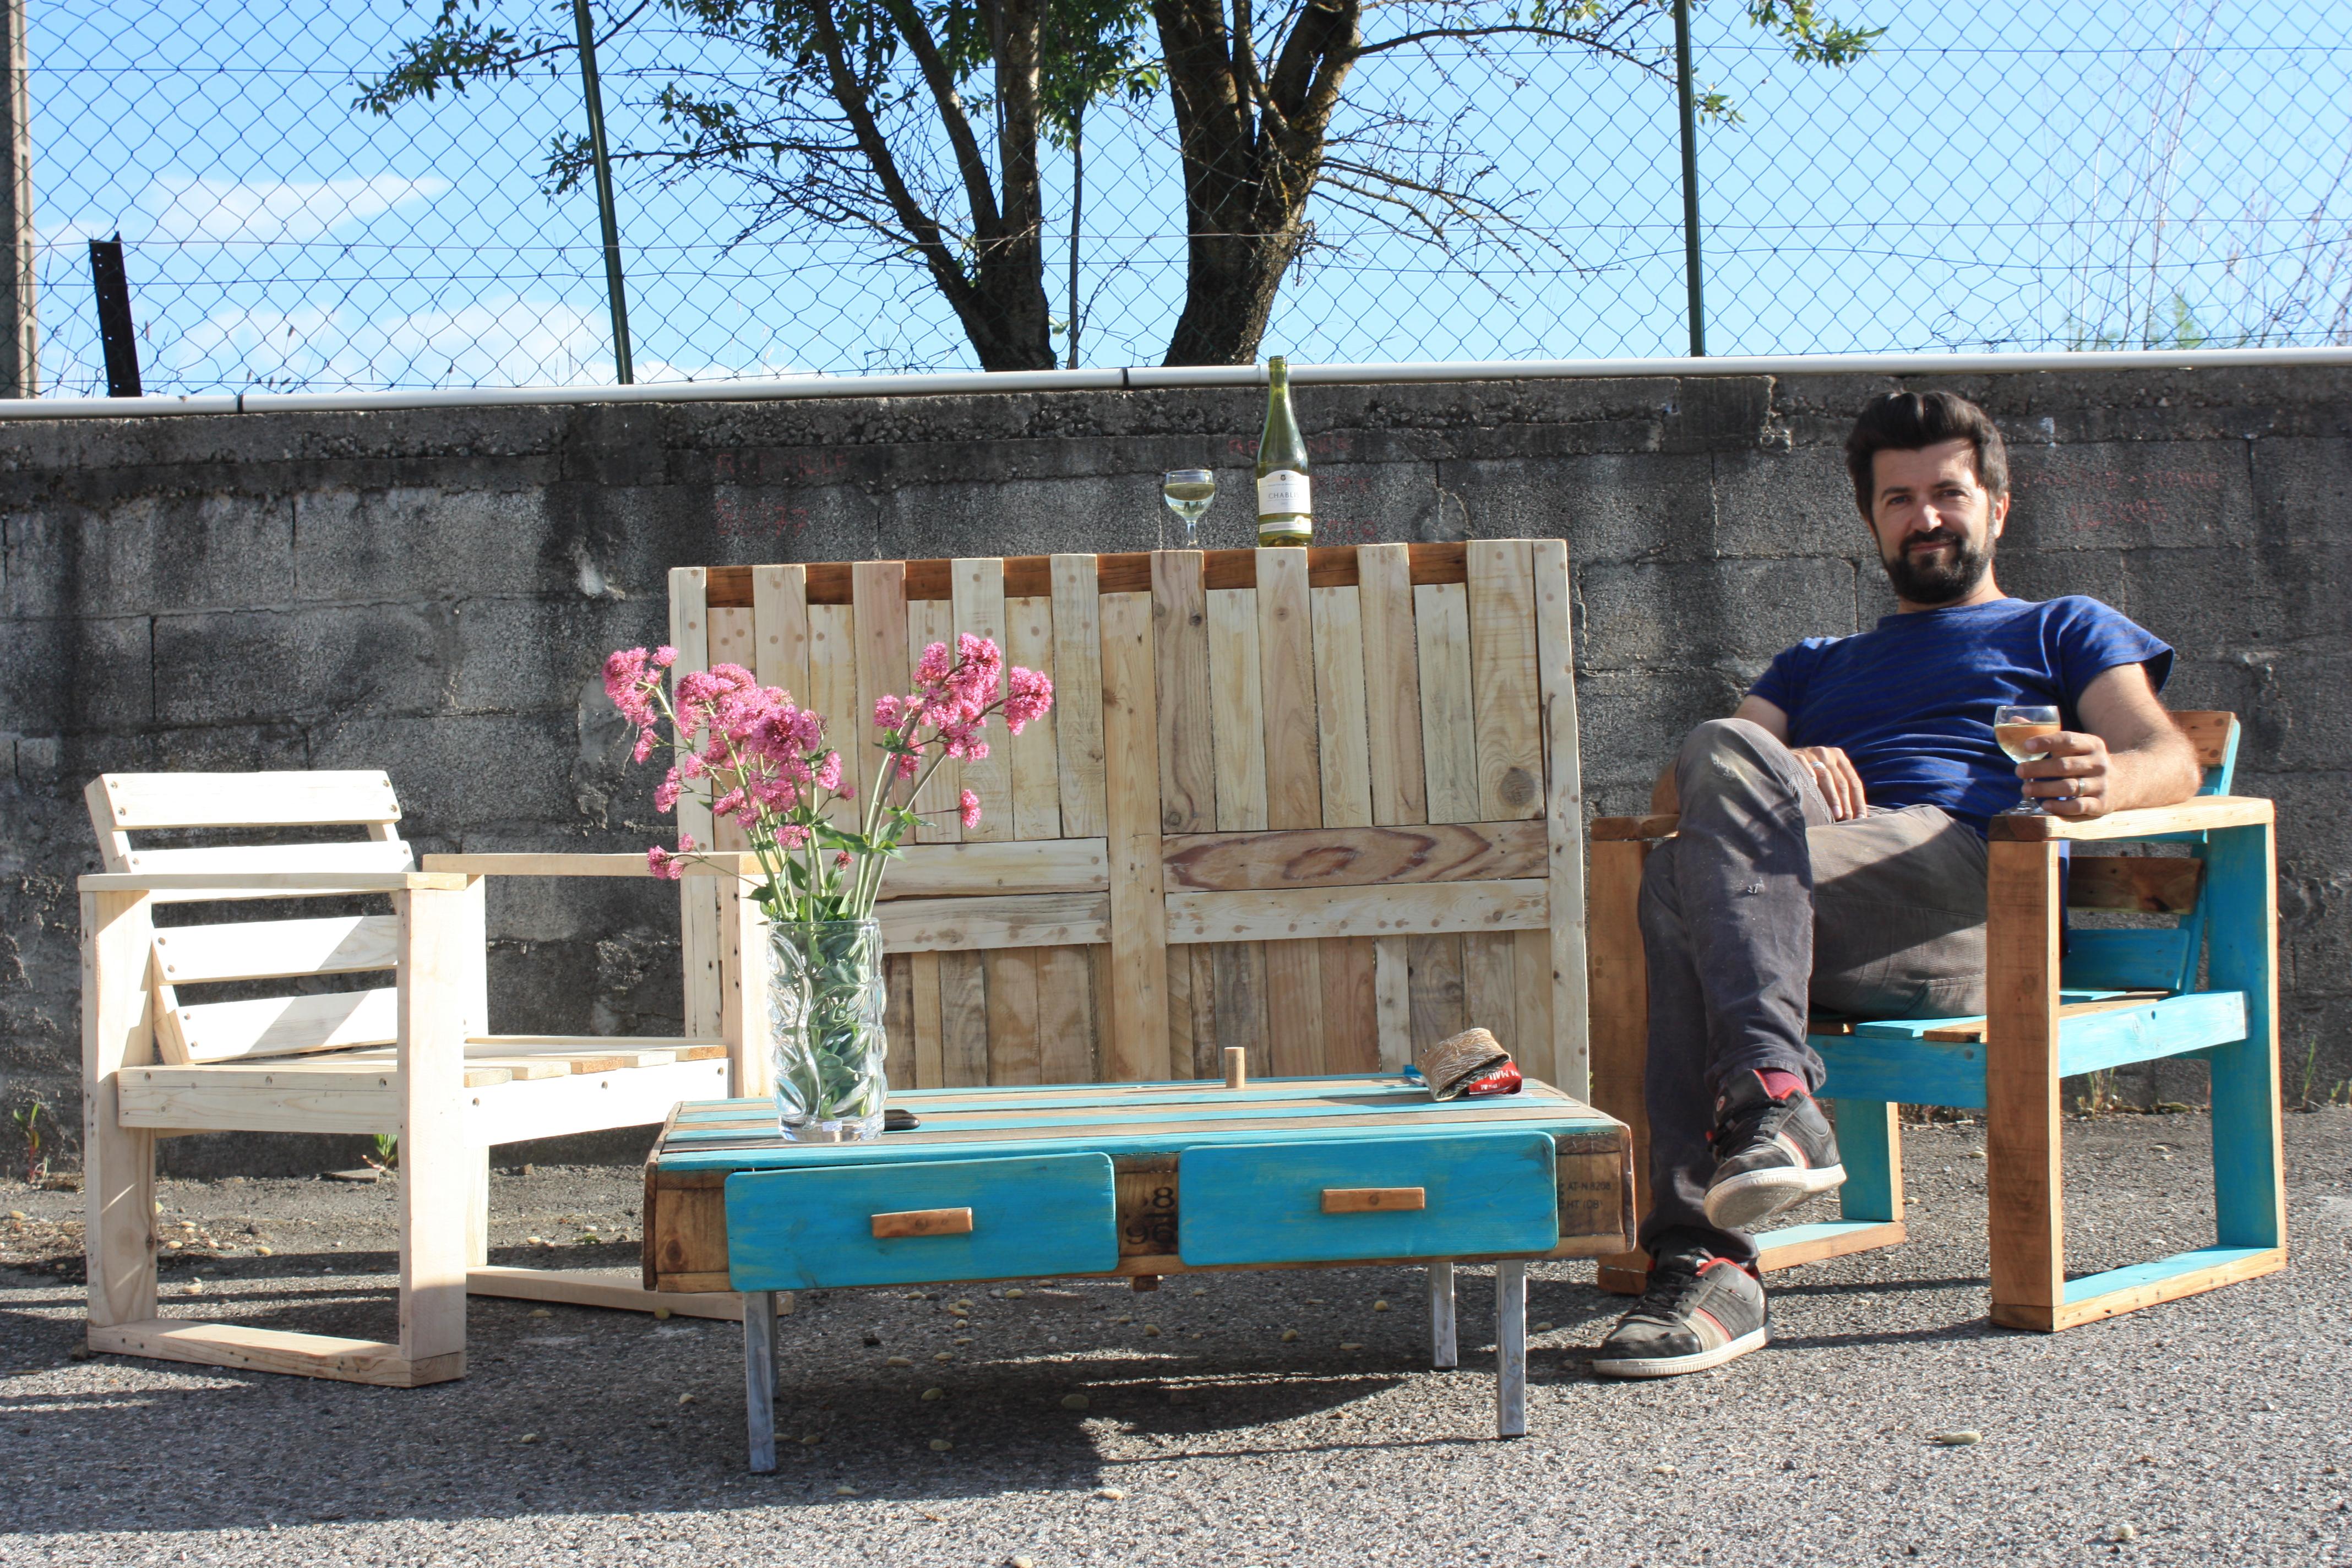 Au printemps 2016, les adhérents de la Nouvelle Mine apprendront à fabriquer leur propre mobilier de jardin à partir de palettes en bois récupérées auprès d'une entreprise locale. © A. Boumeziren